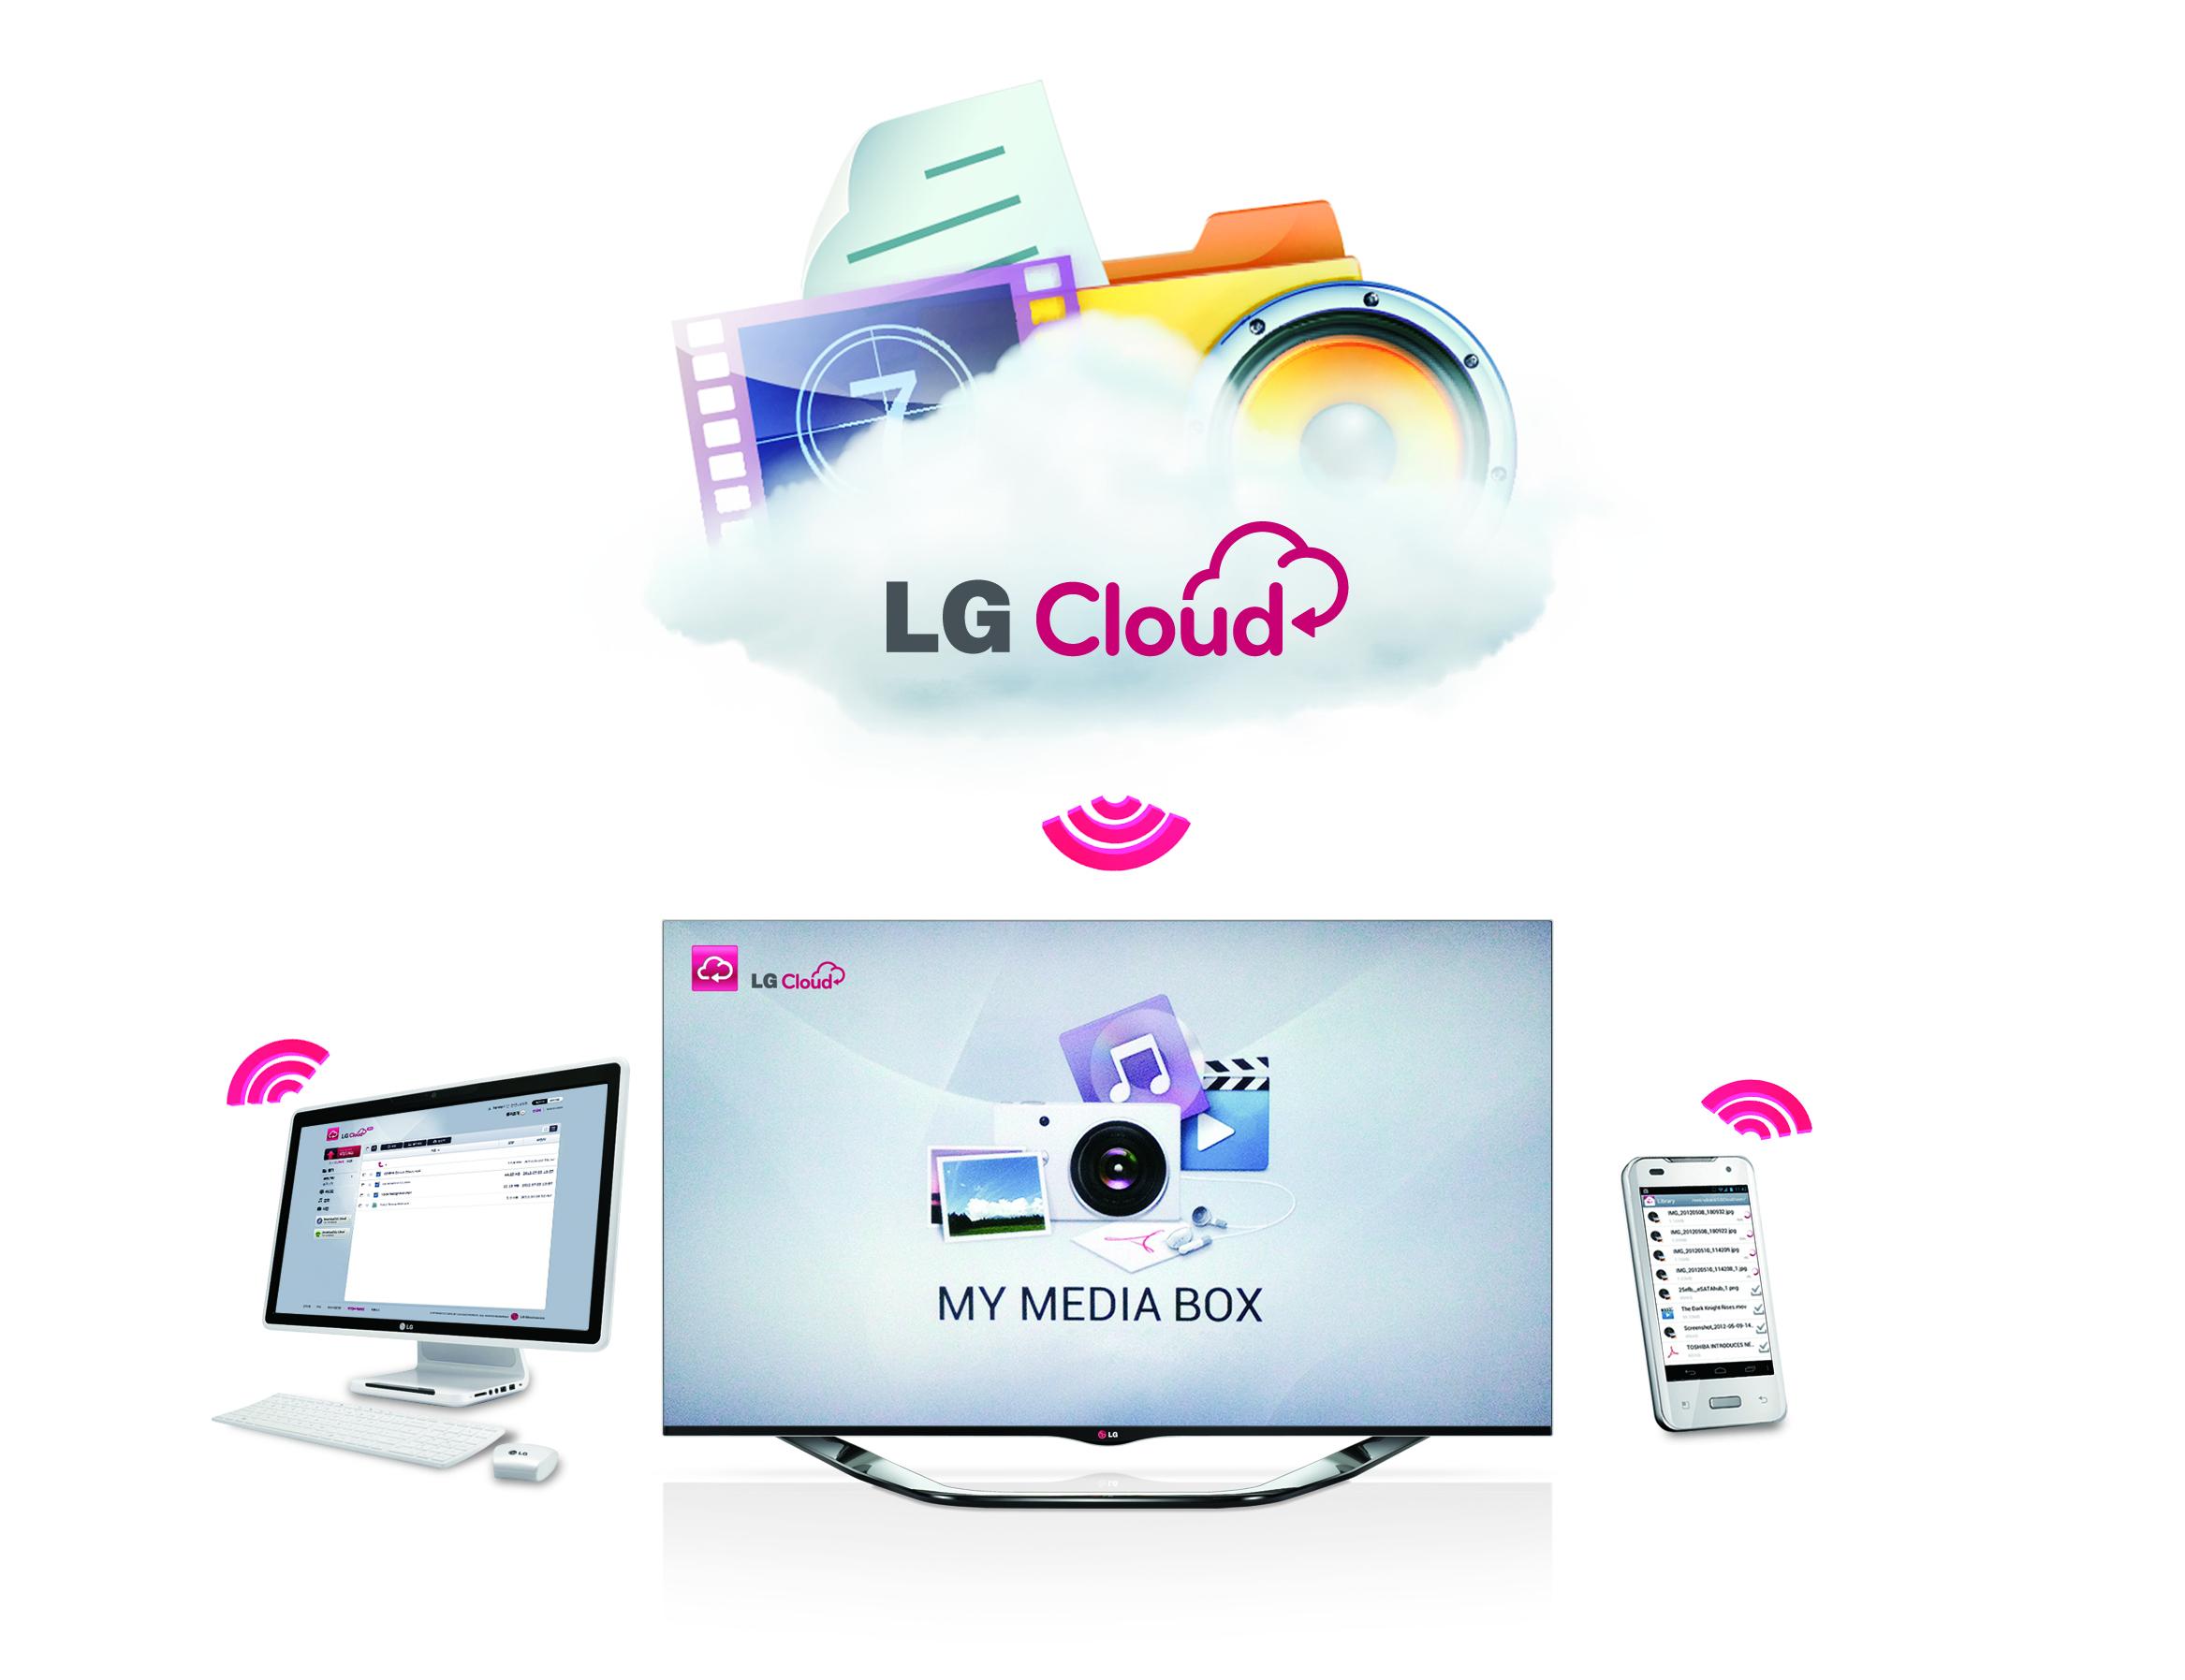 LG_LG Cloud